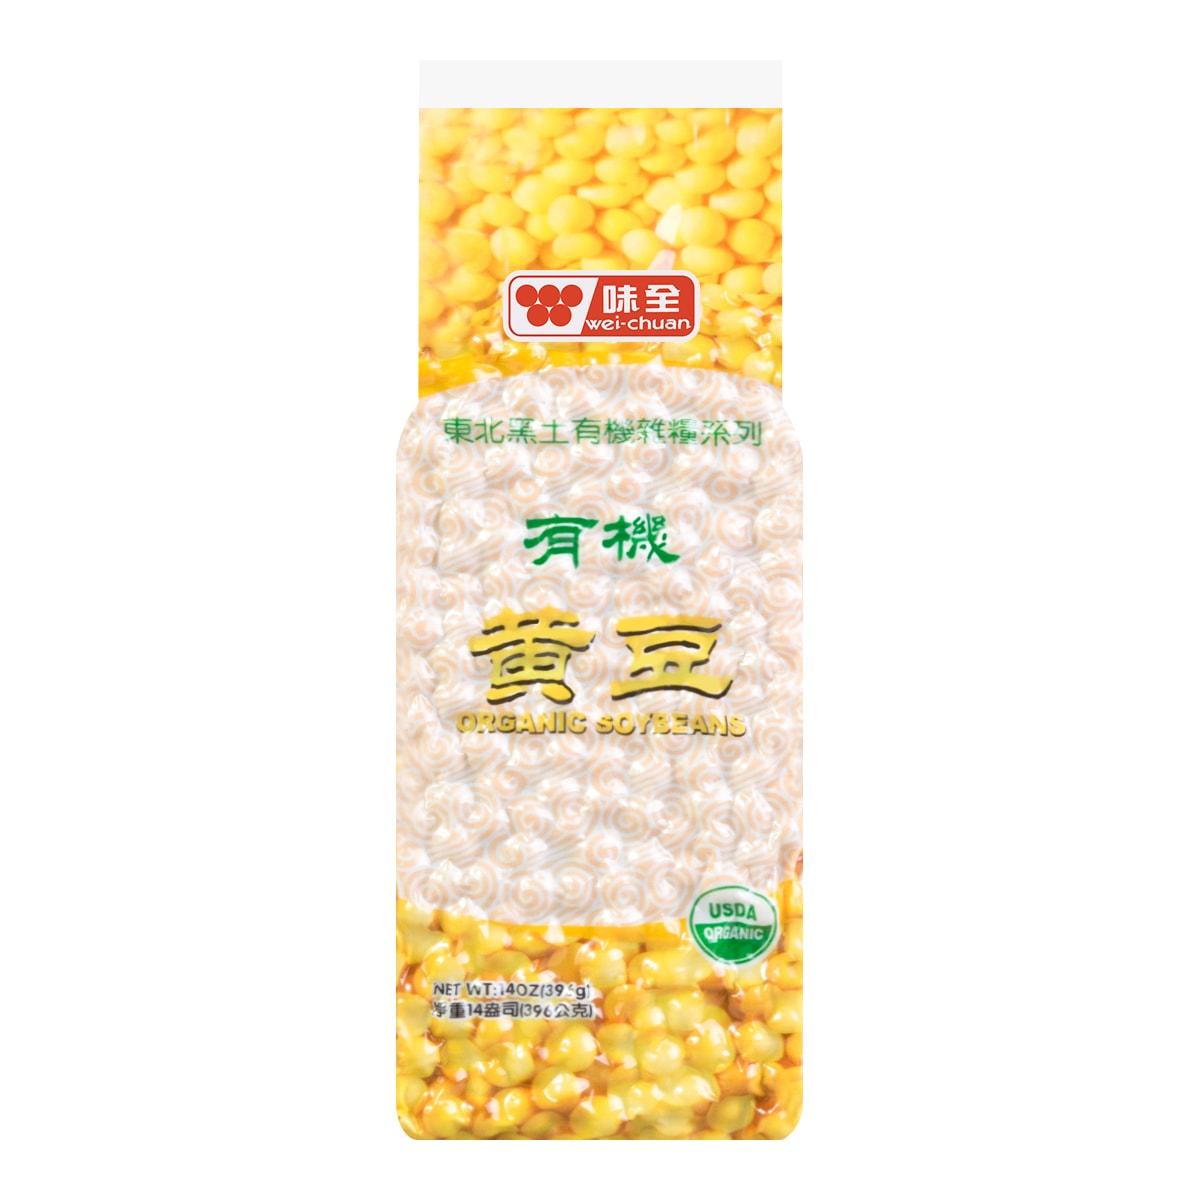 WEI CHUAN Organic Soybeans 396g